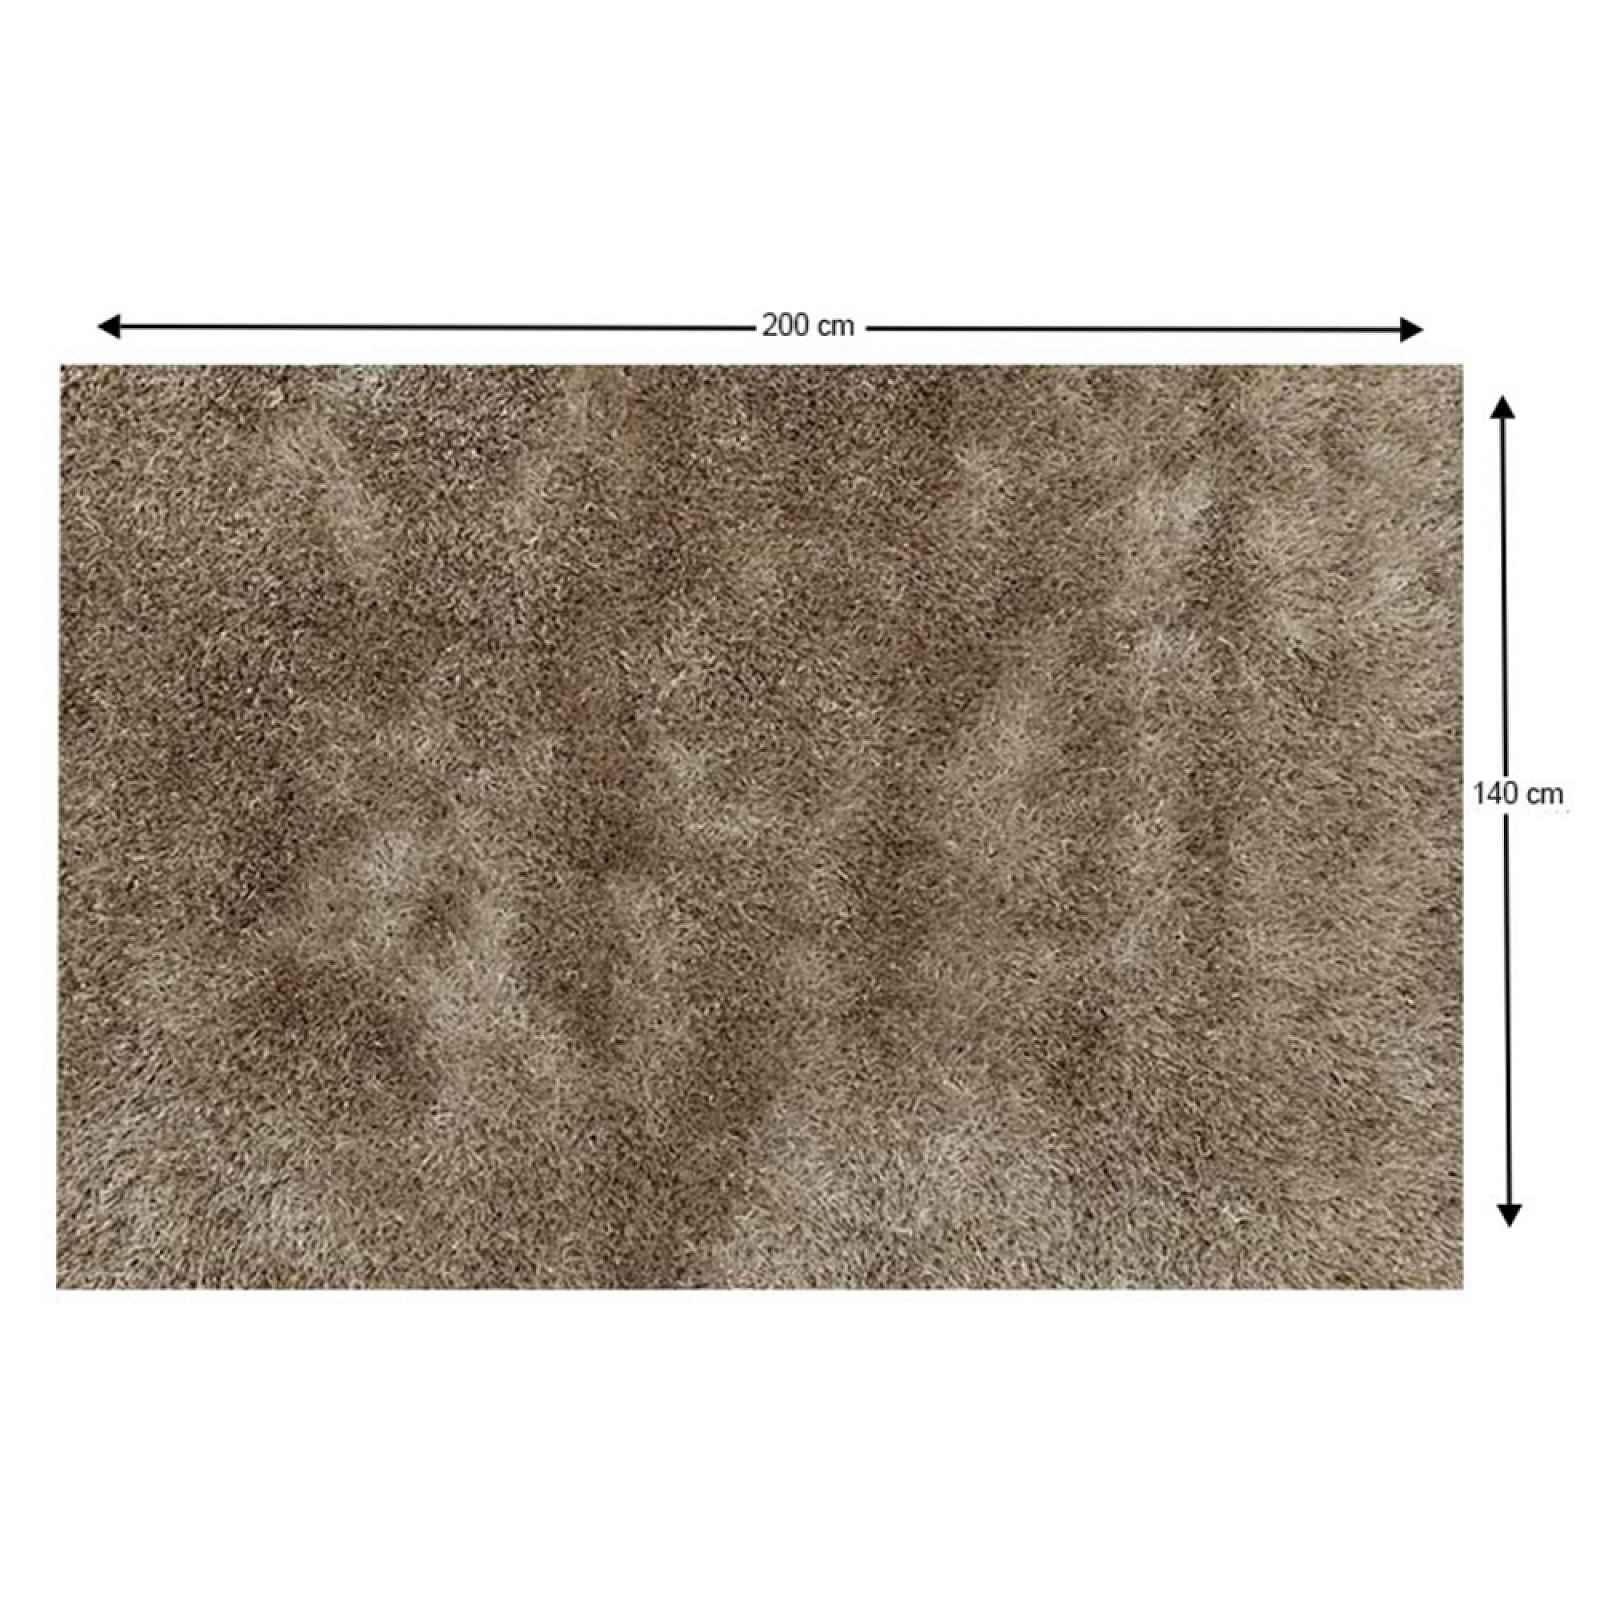 Shaggy koberec AROBA krémová Tempo Kondela 140x200 cm